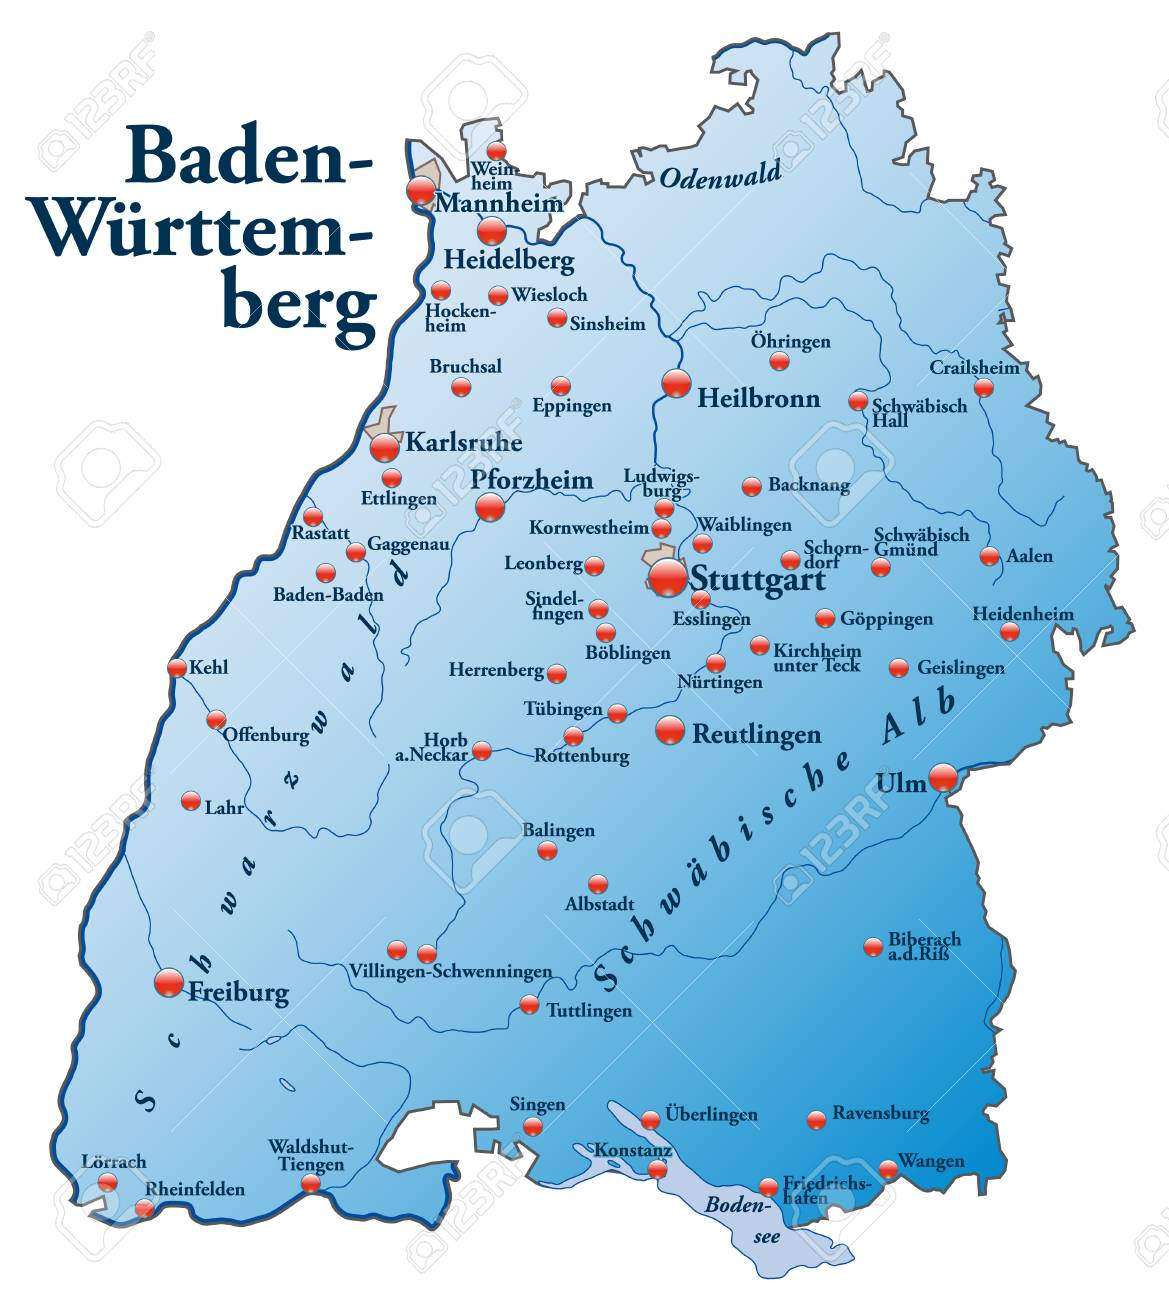 Karte Von Baden Wurttemberg Wie Eine Ubersichtskarte In Blau